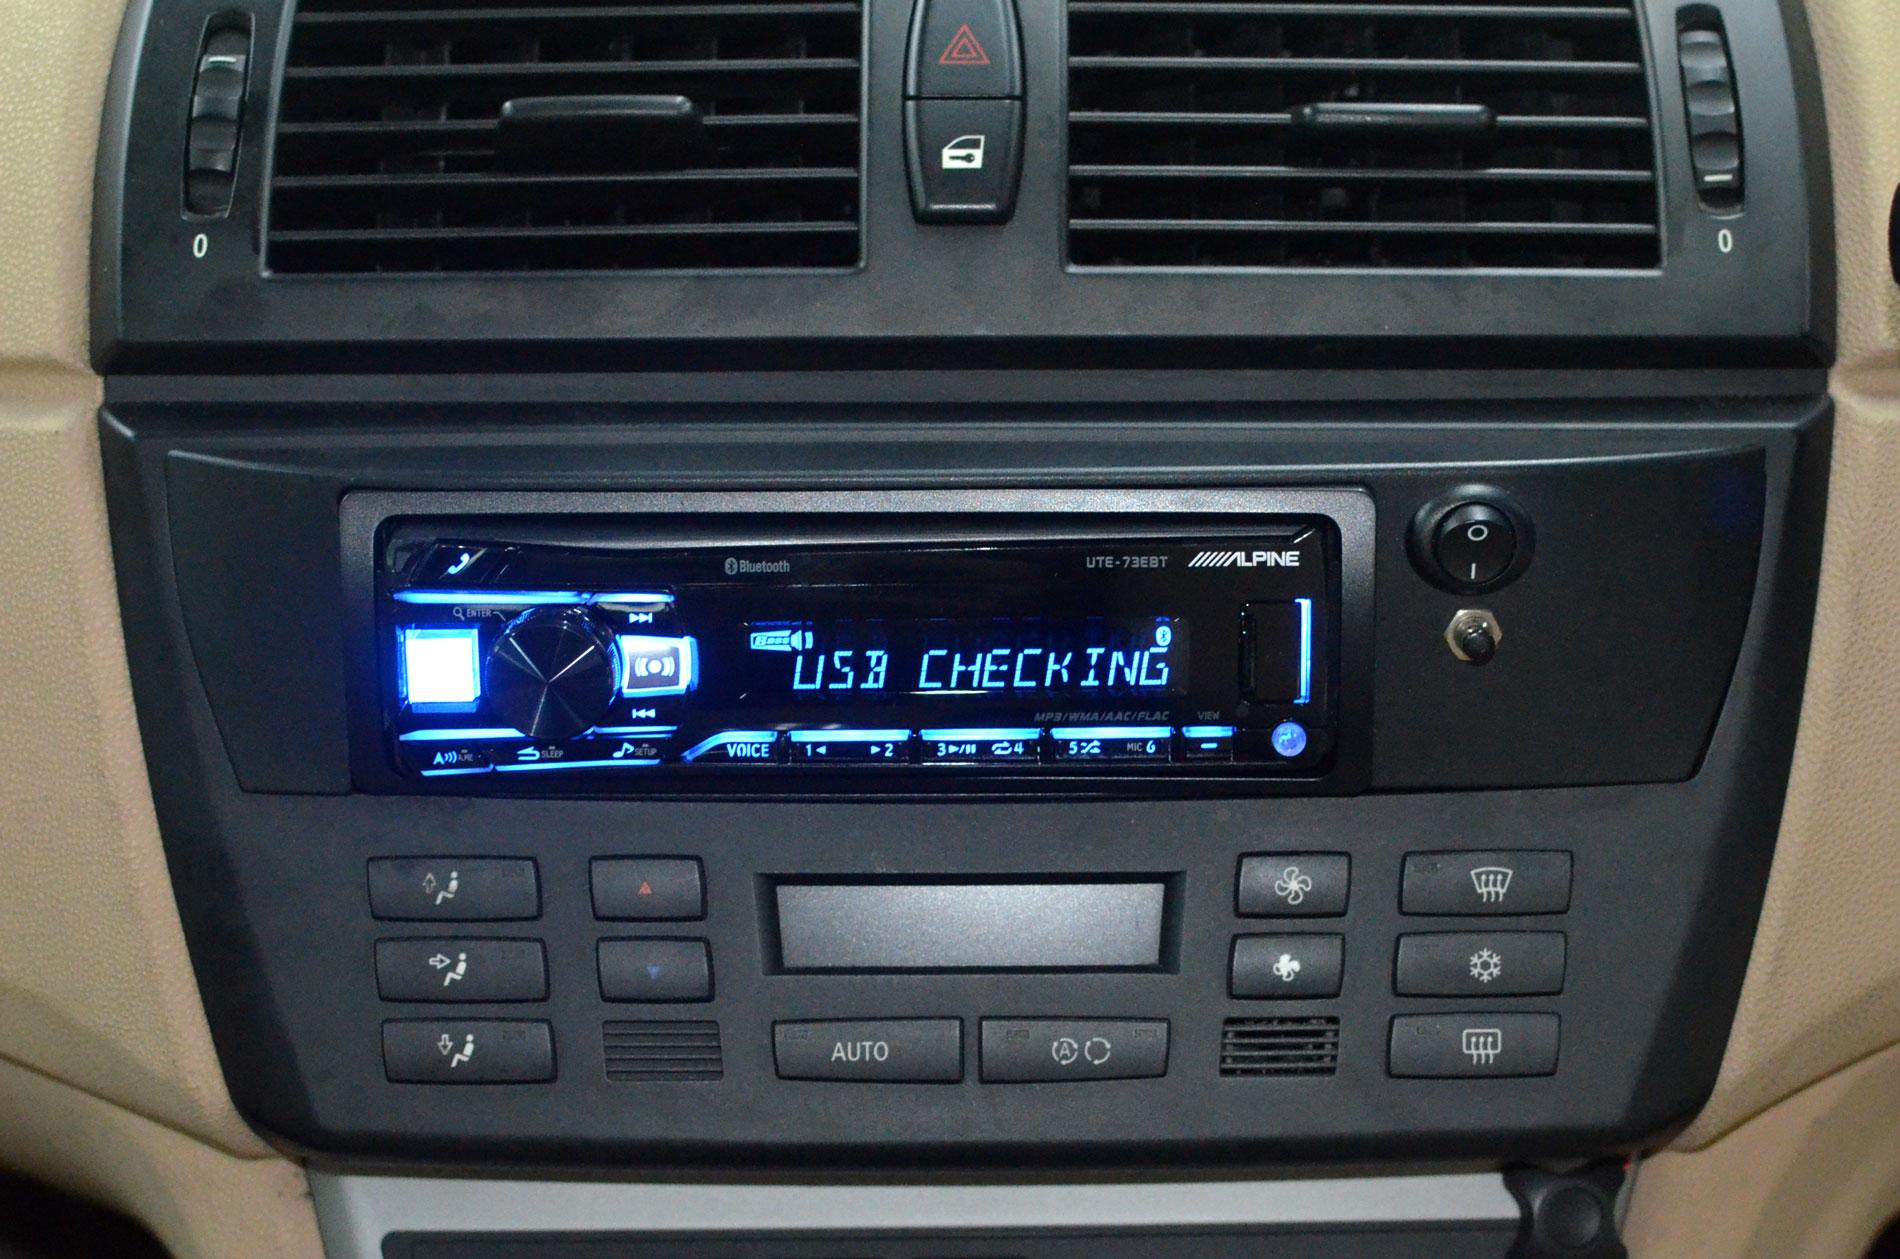 Alpine UTE-73EBT install in the BMW X3 1st Gen complete